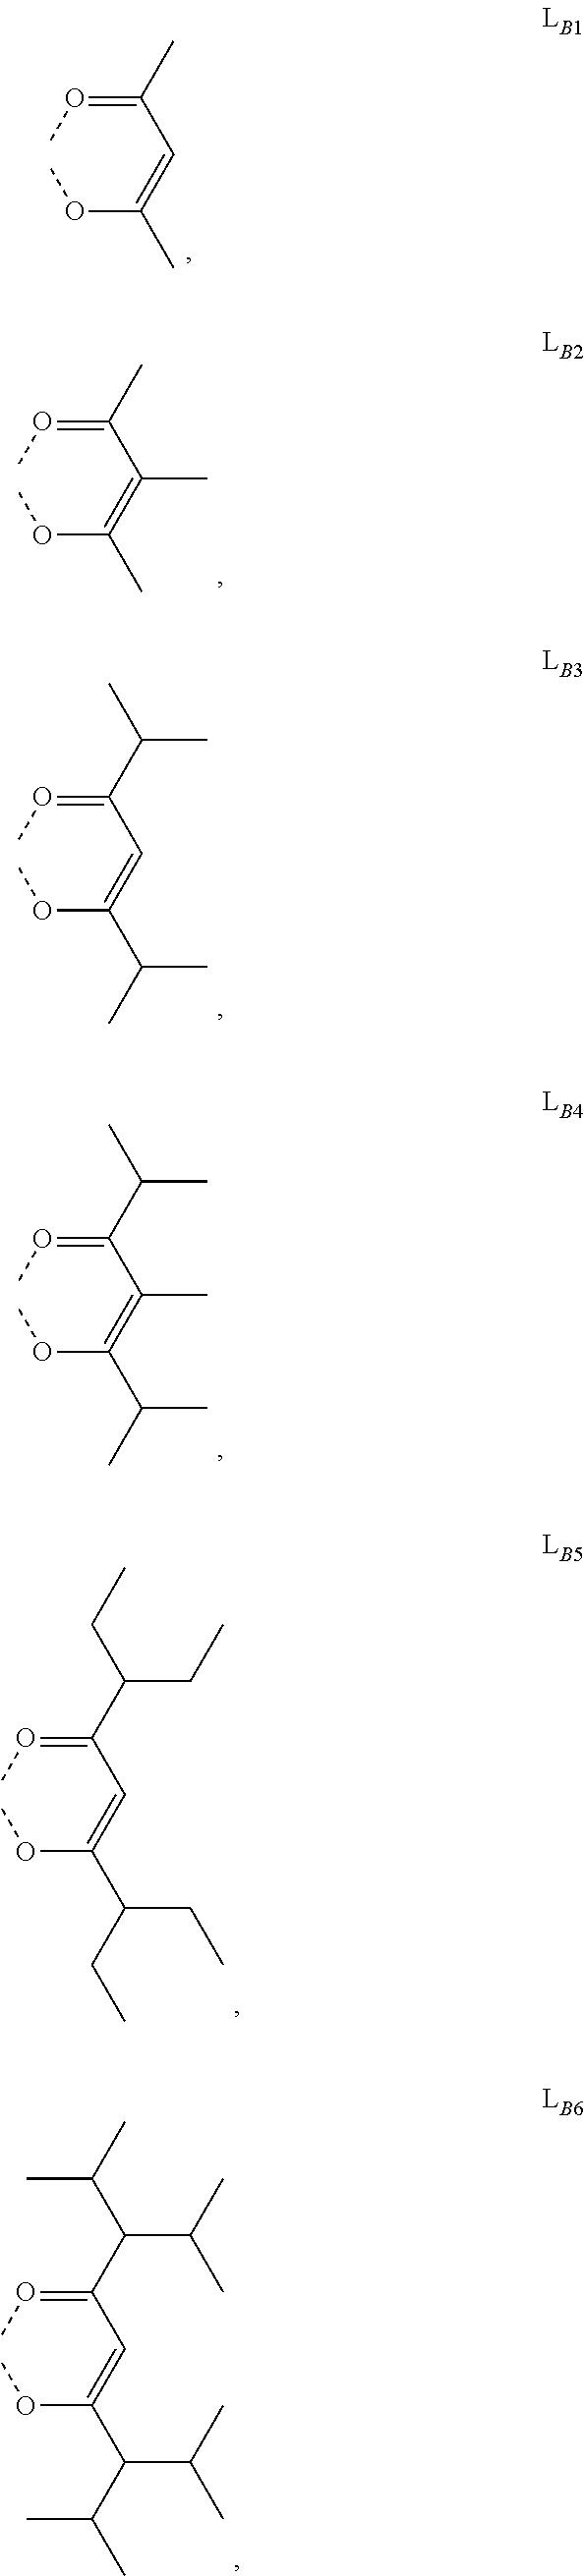 Figure US09859510-20180102-C00148